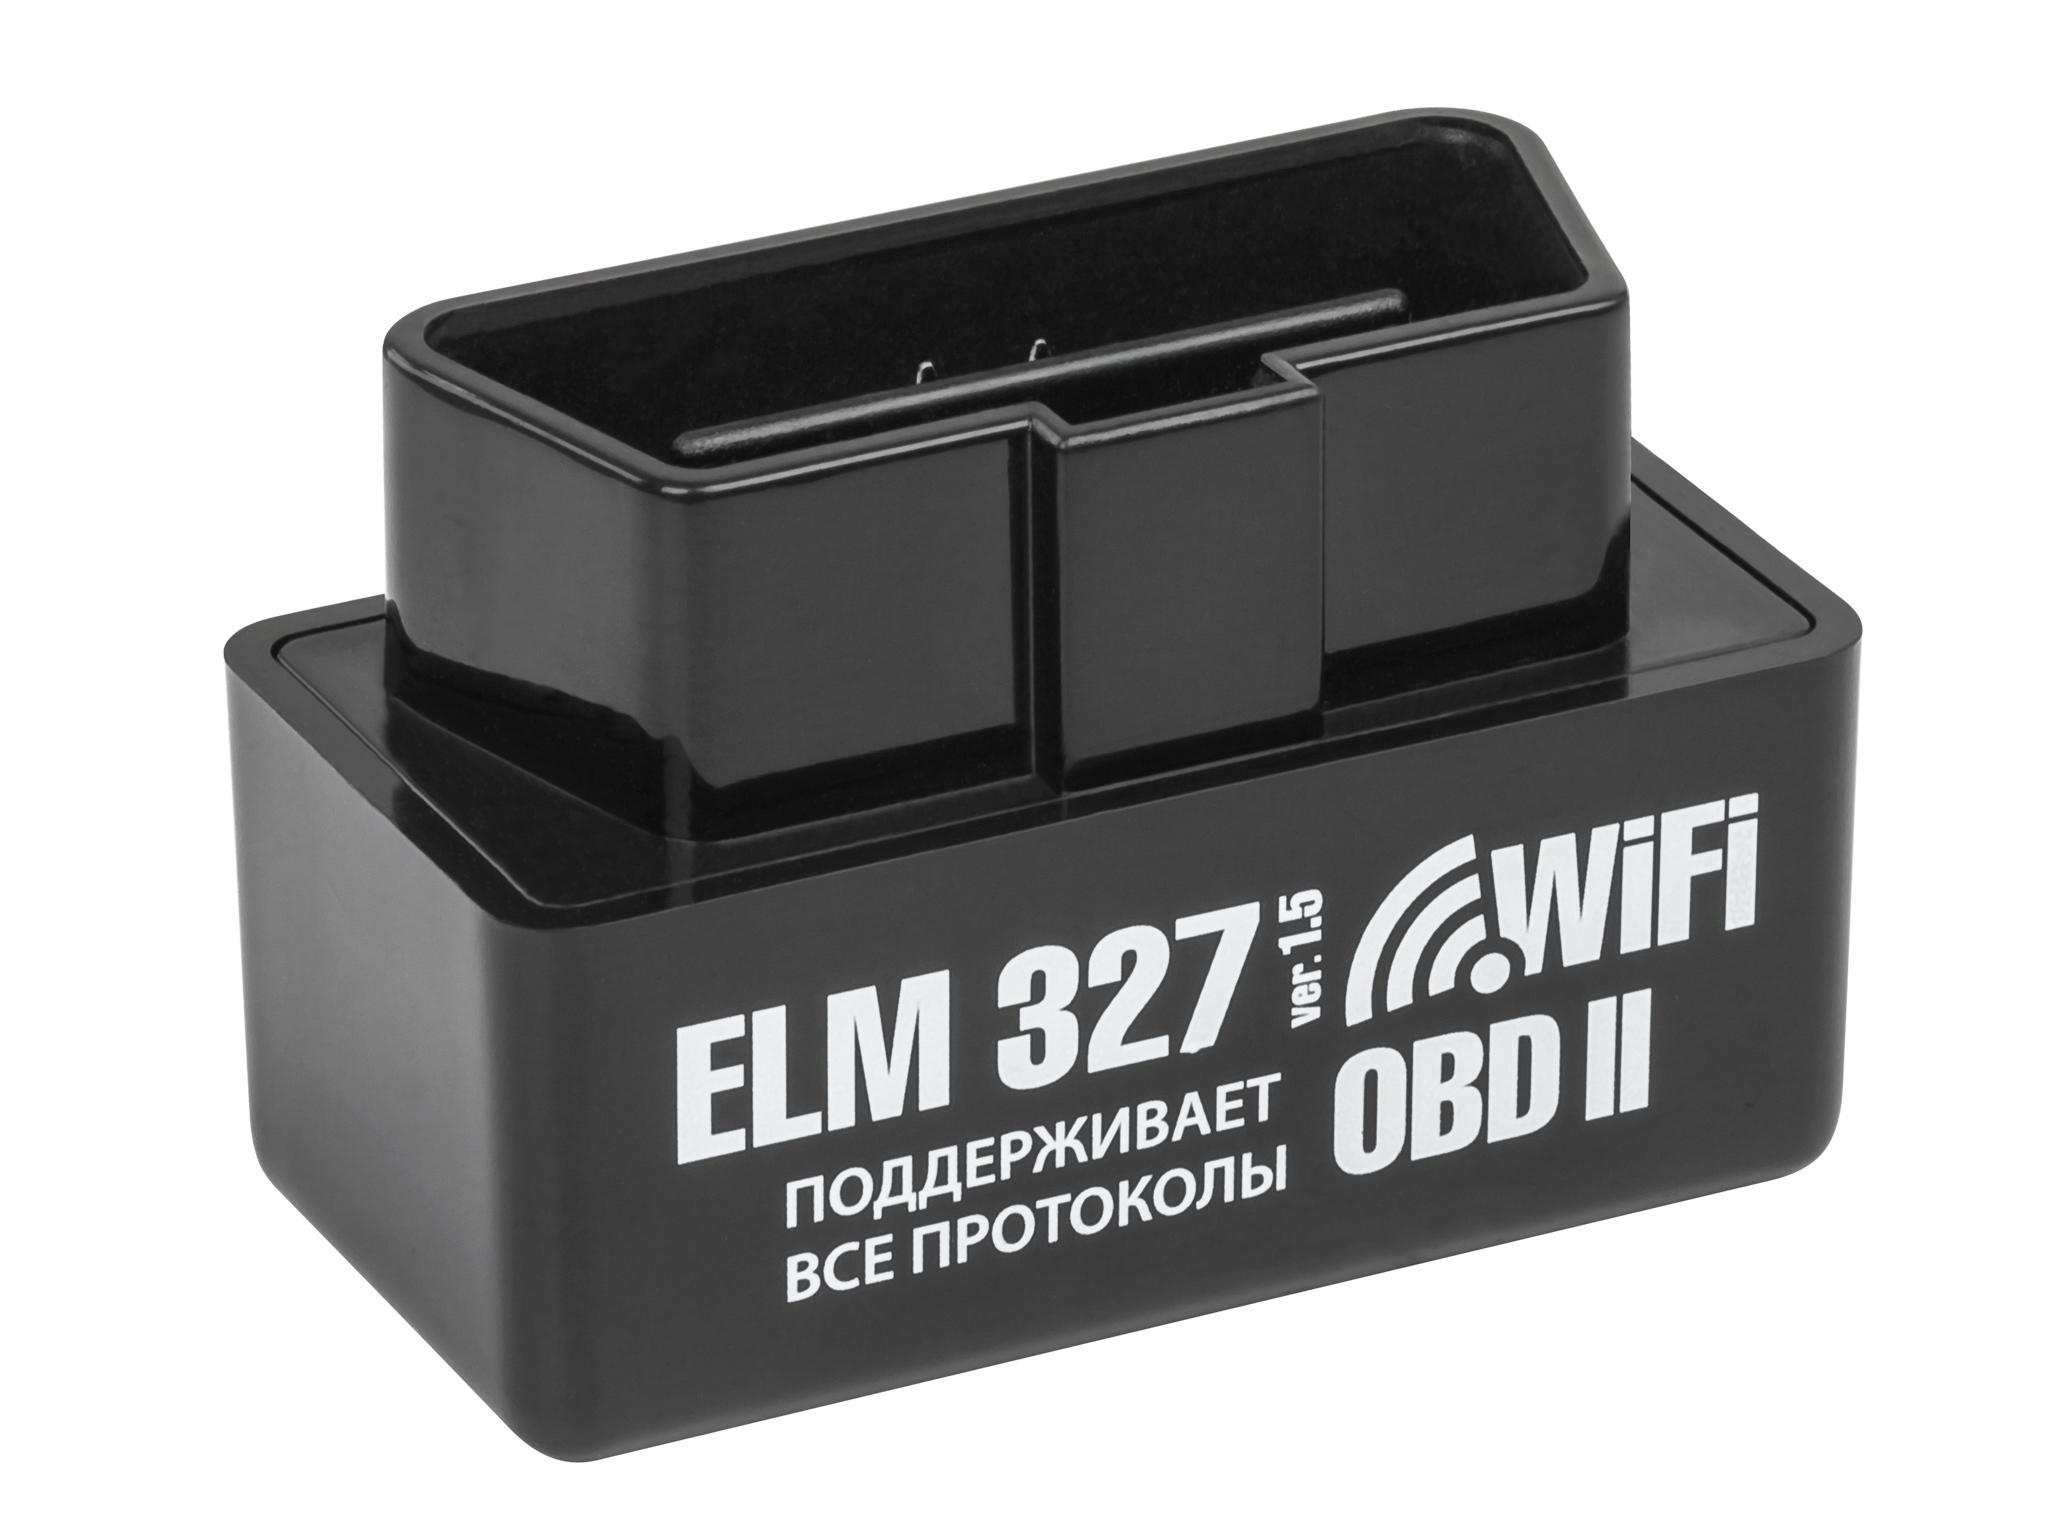 Адаптер Emitron Elm327 wi-fi wi fi адаптер totolink n150usm цвет белый